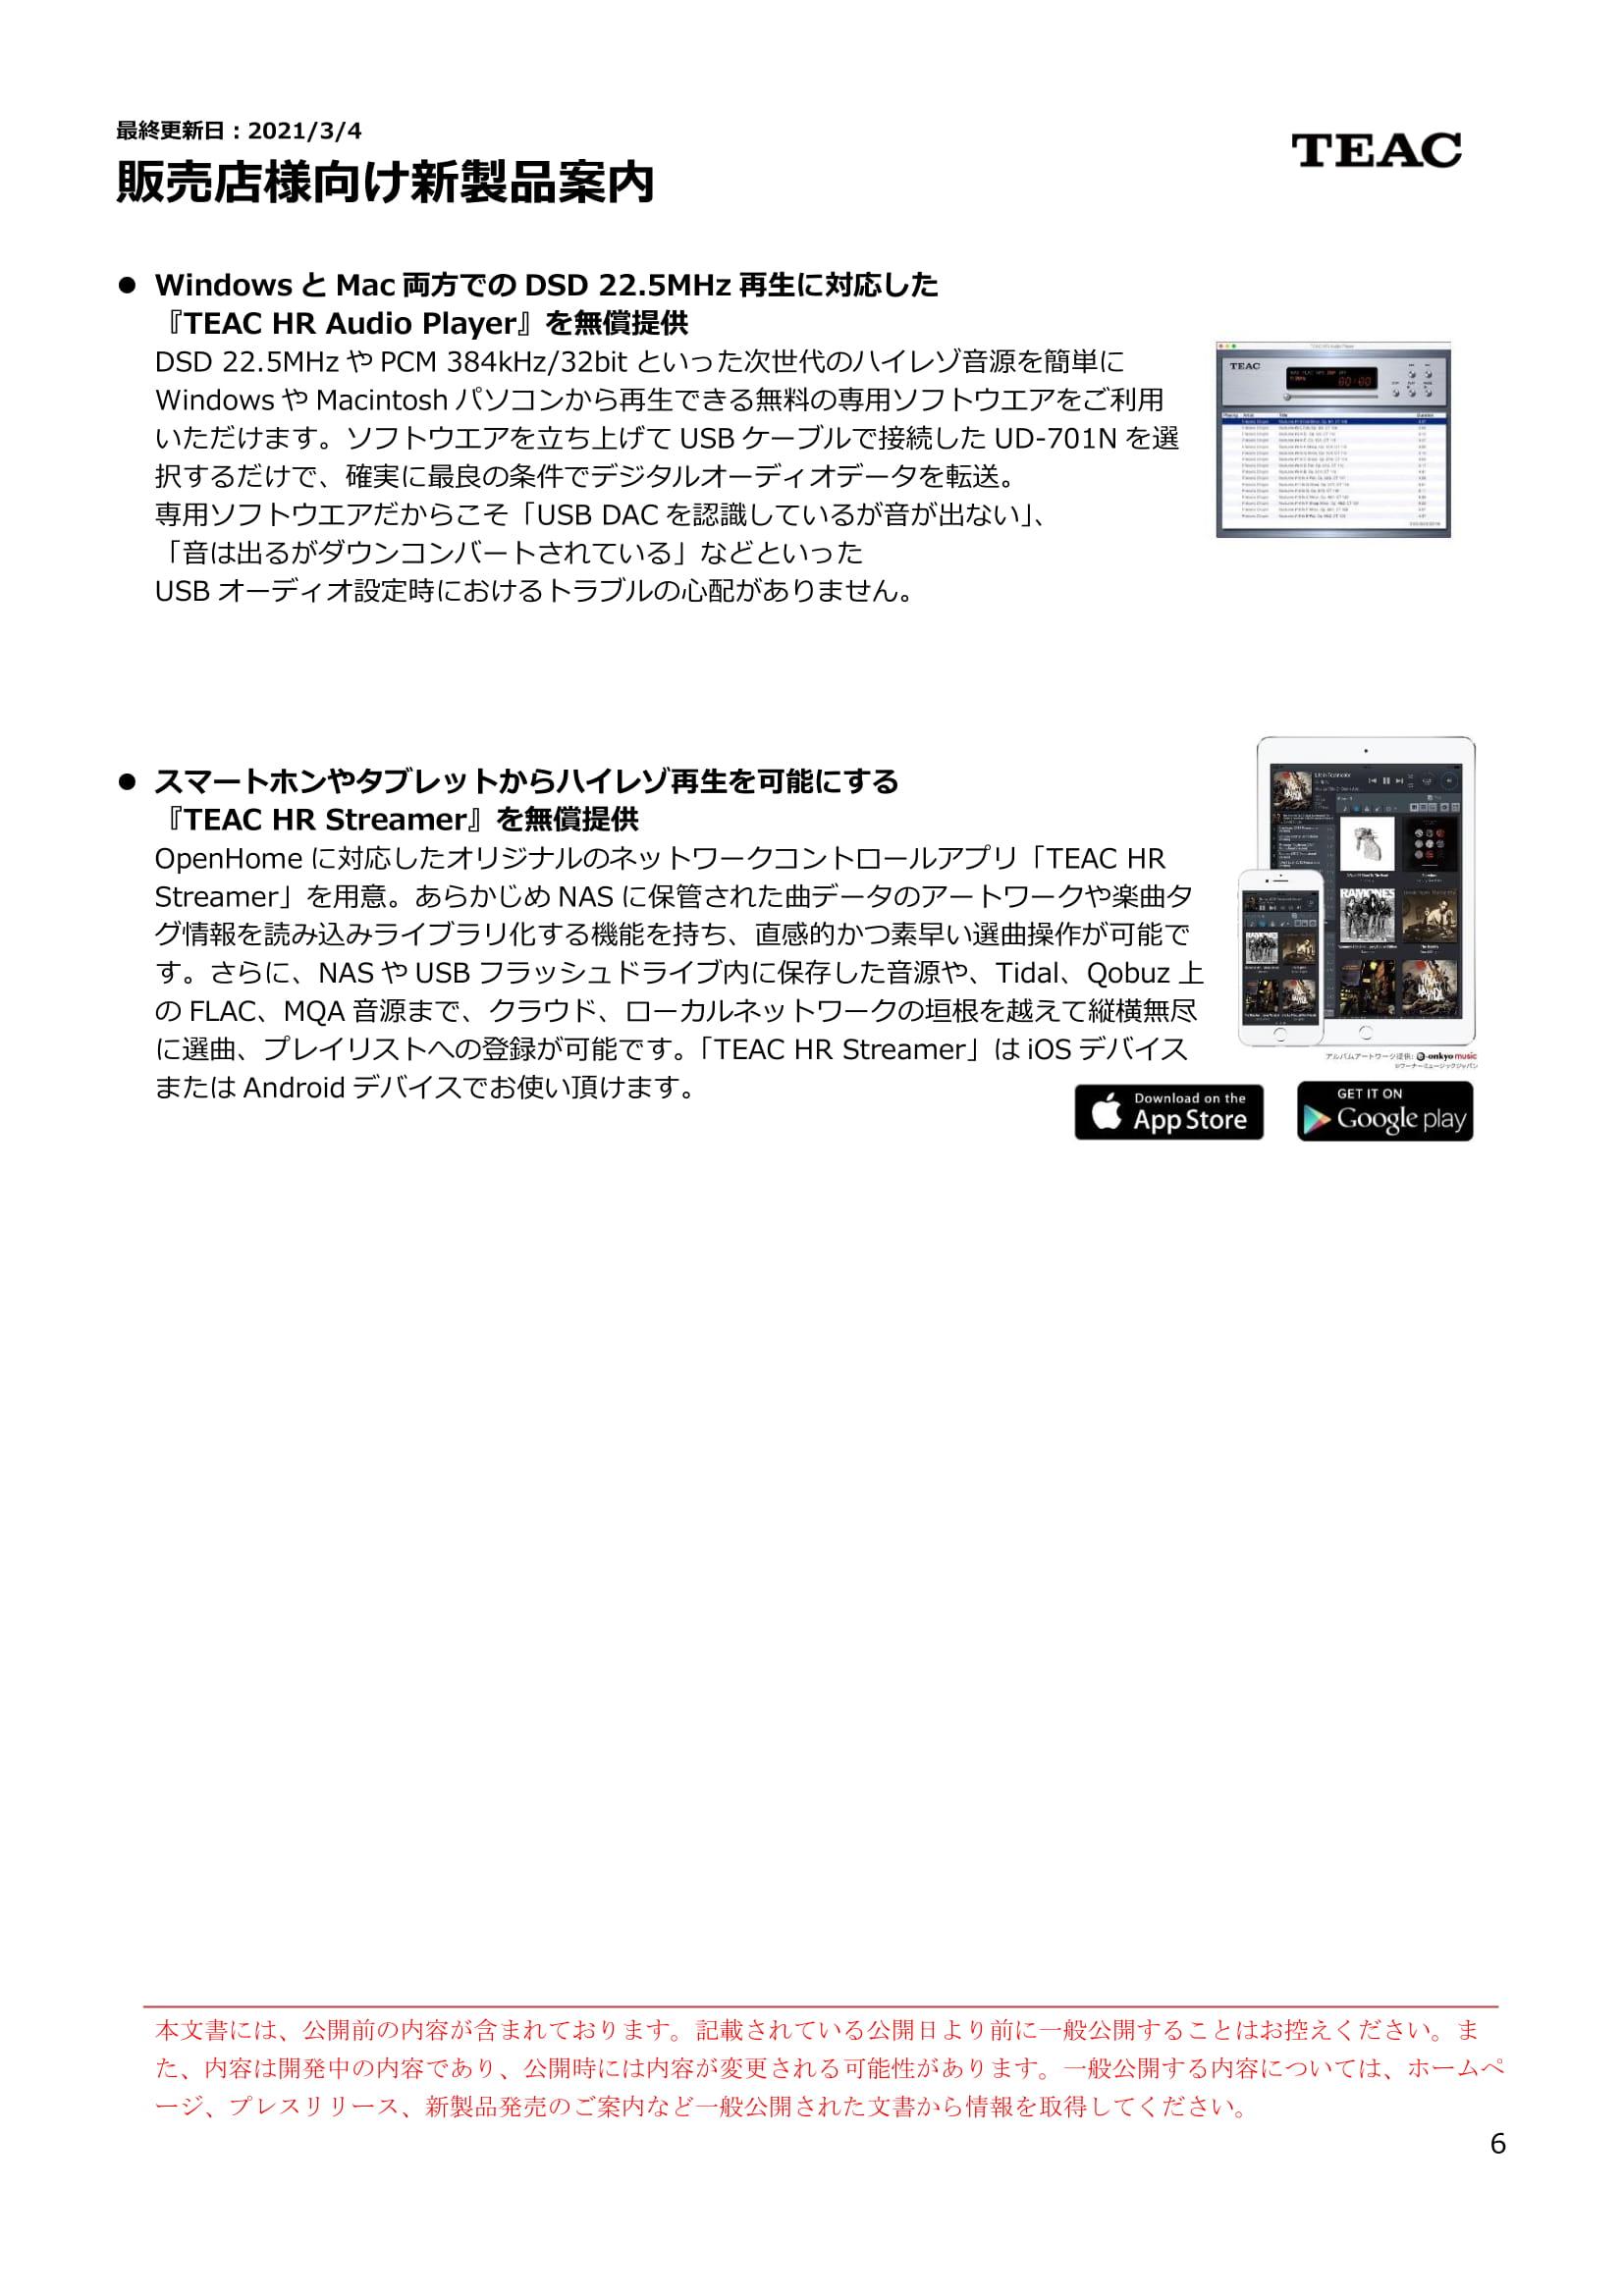 UD-701N_SNPI_210304-06.jpg